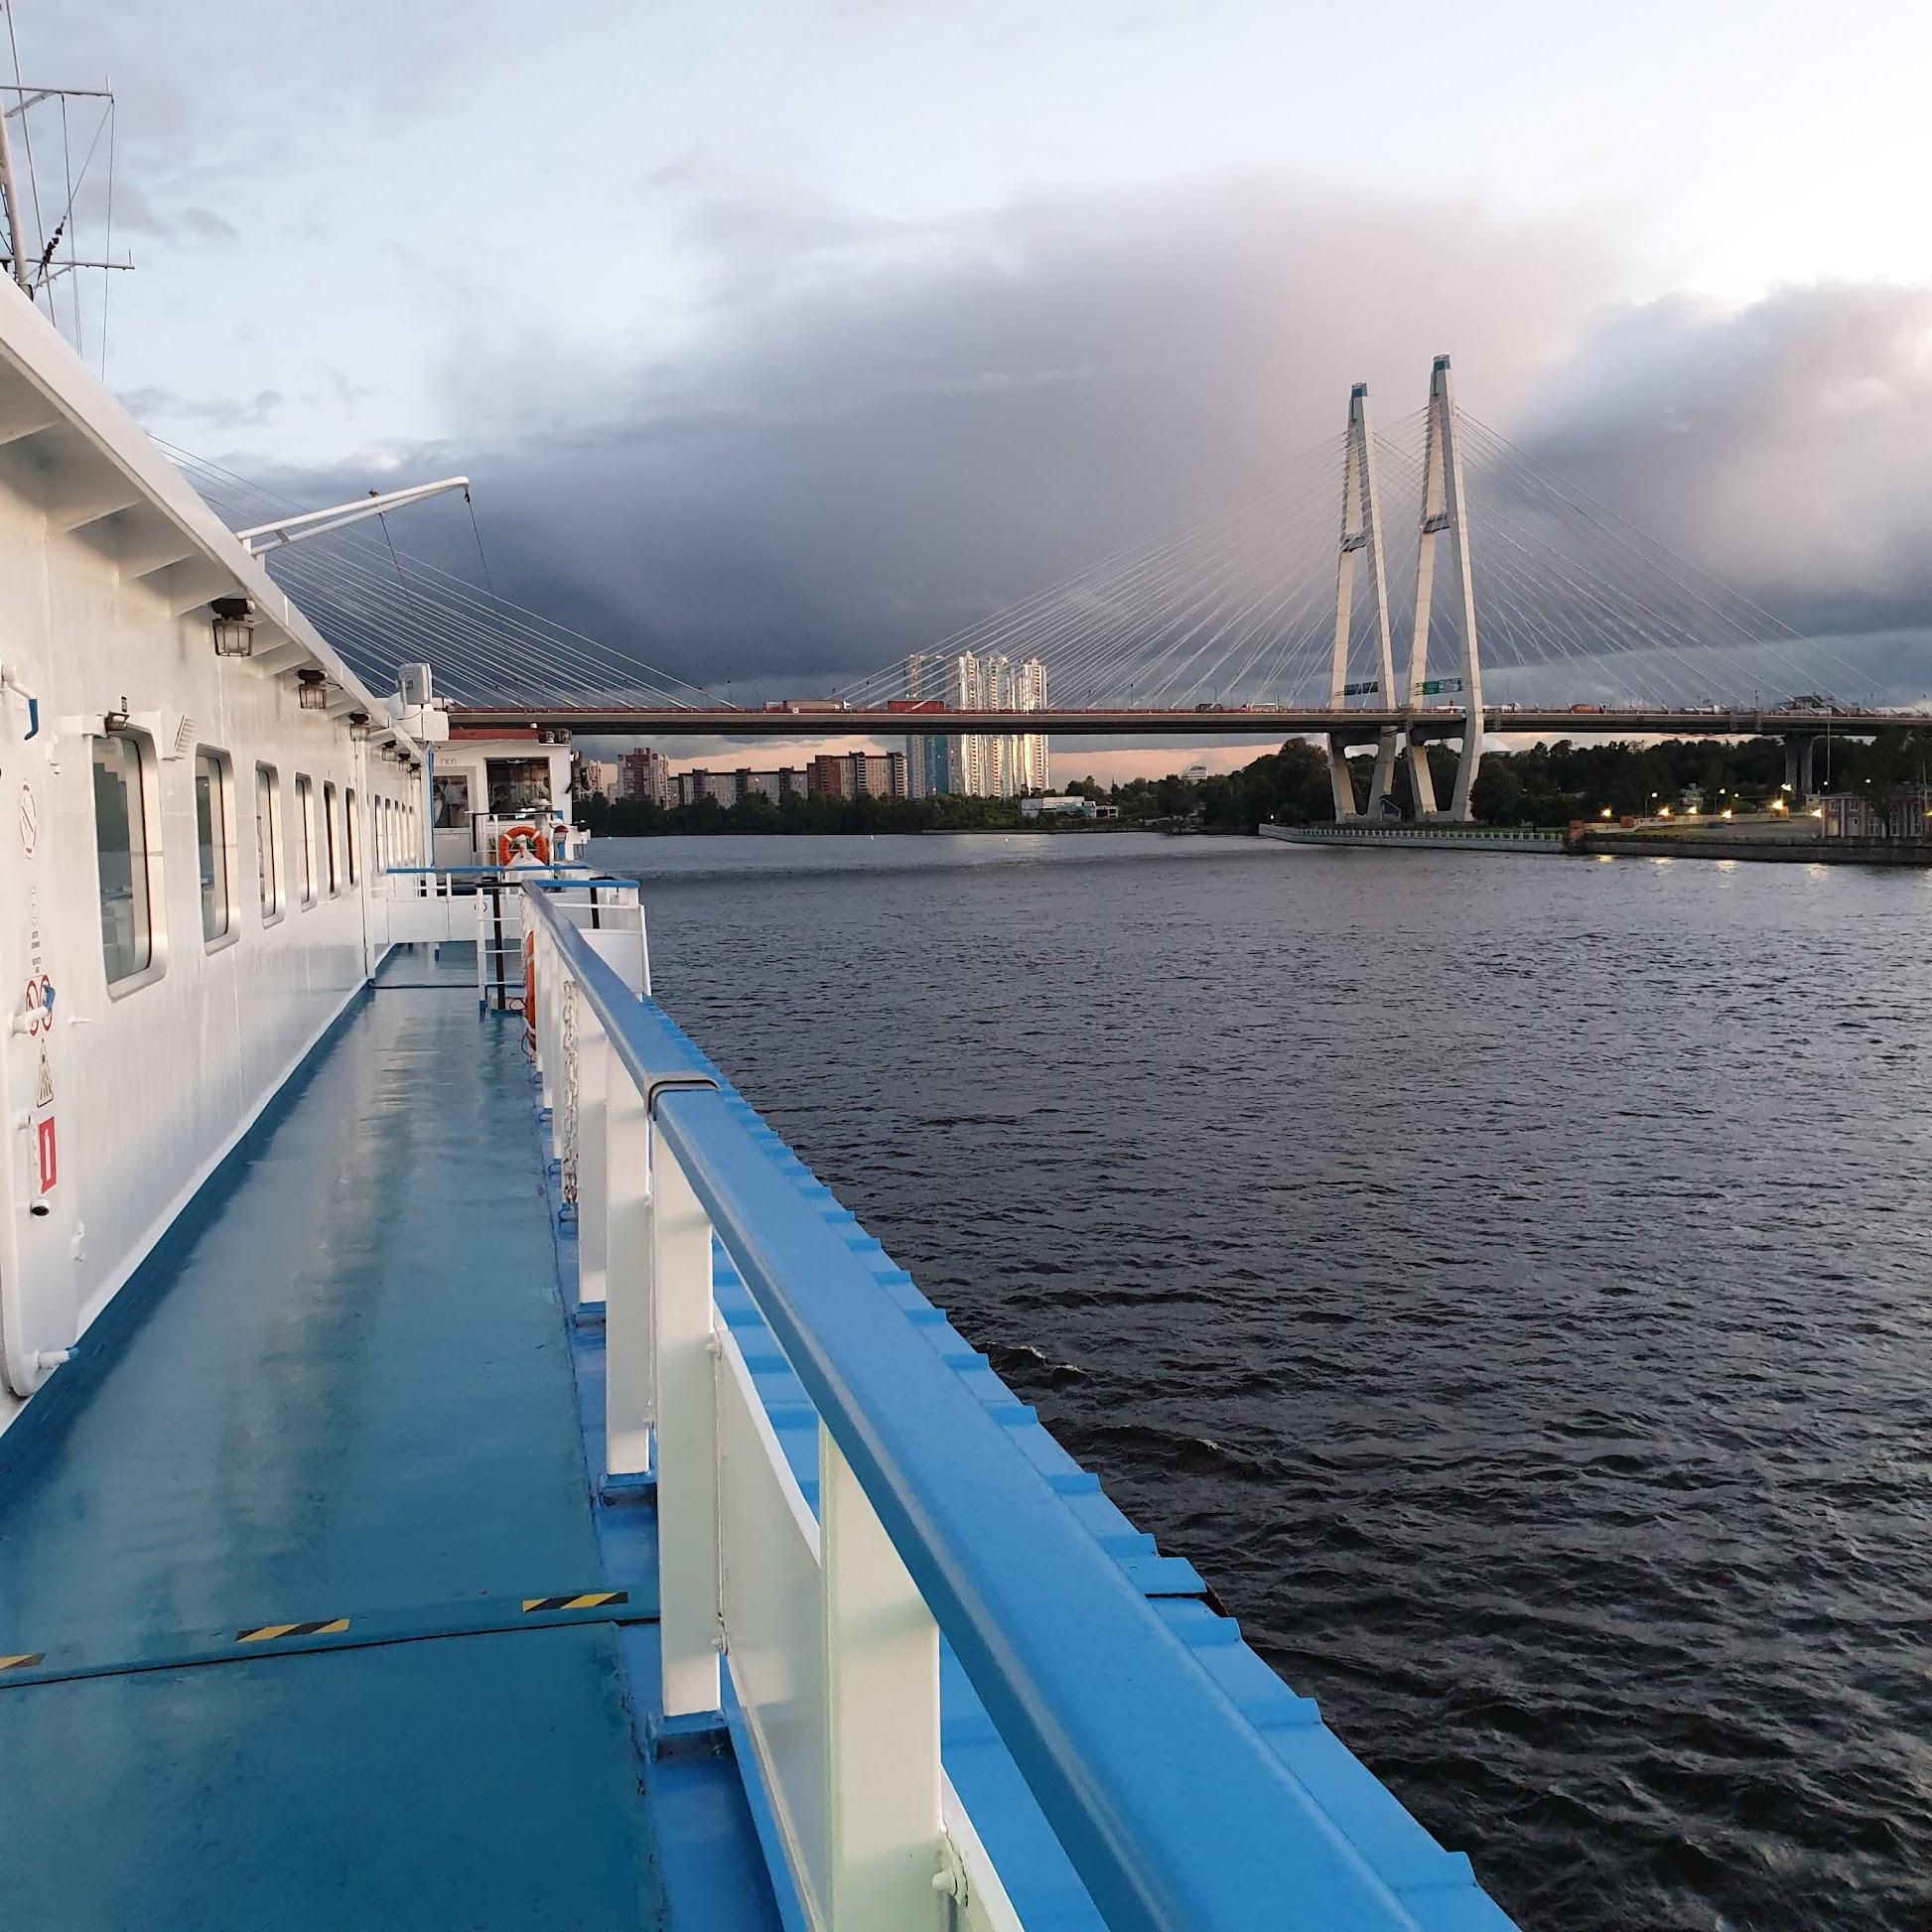 Два озера и три реки, или Карелия с воды, сентябрь 2021